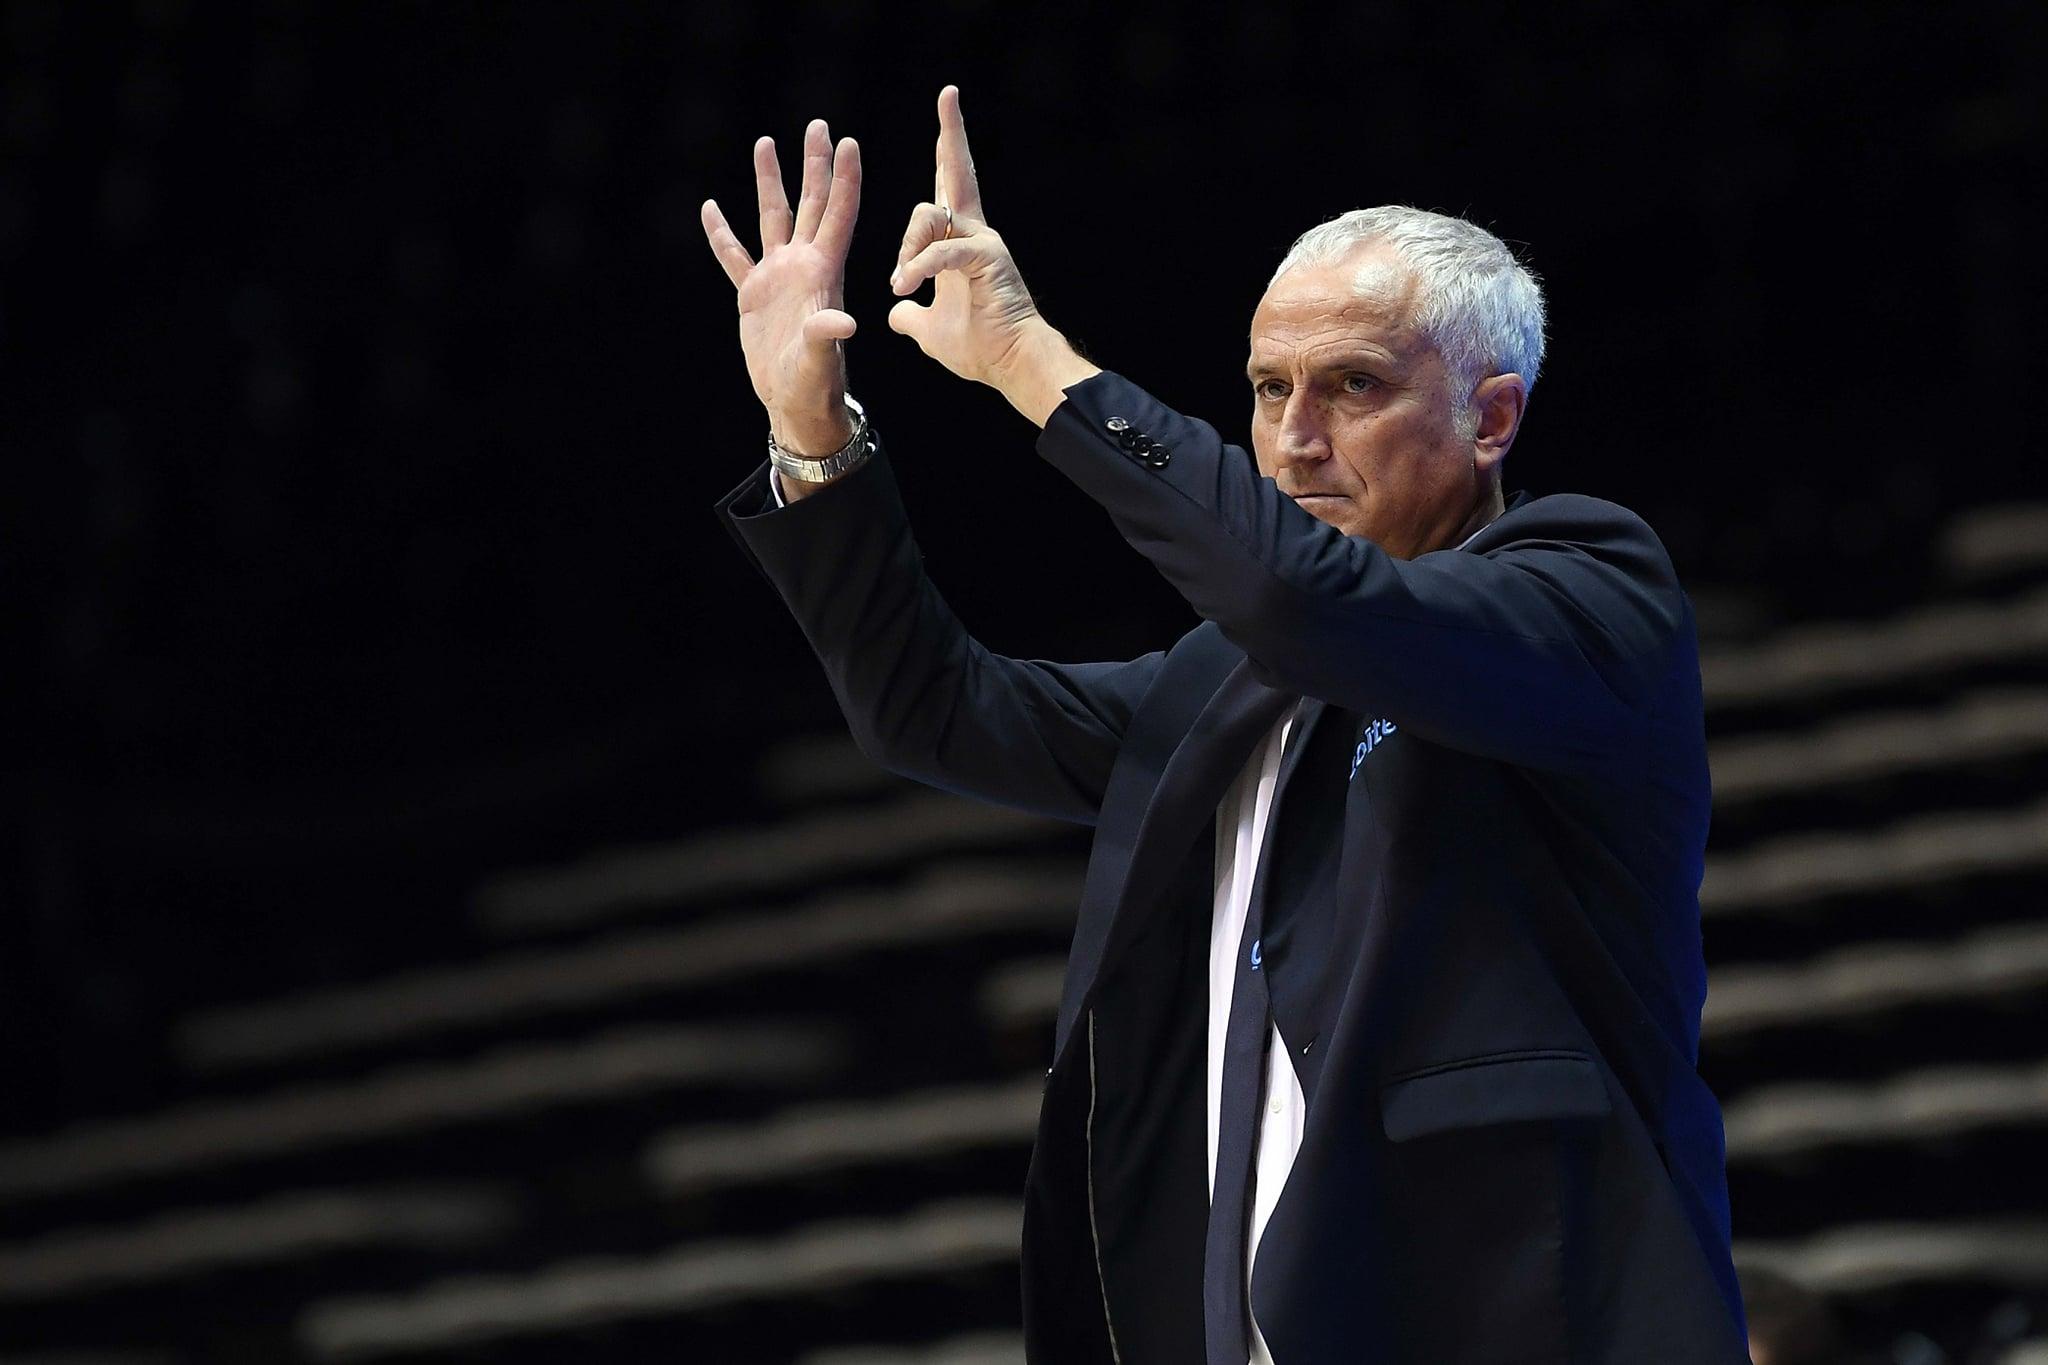 Storie di basket 2020-21. Cantù esonera Cesare Pancotto, il veterano delle panchine in LBA. La videobiografia di Vanni Zagnoli